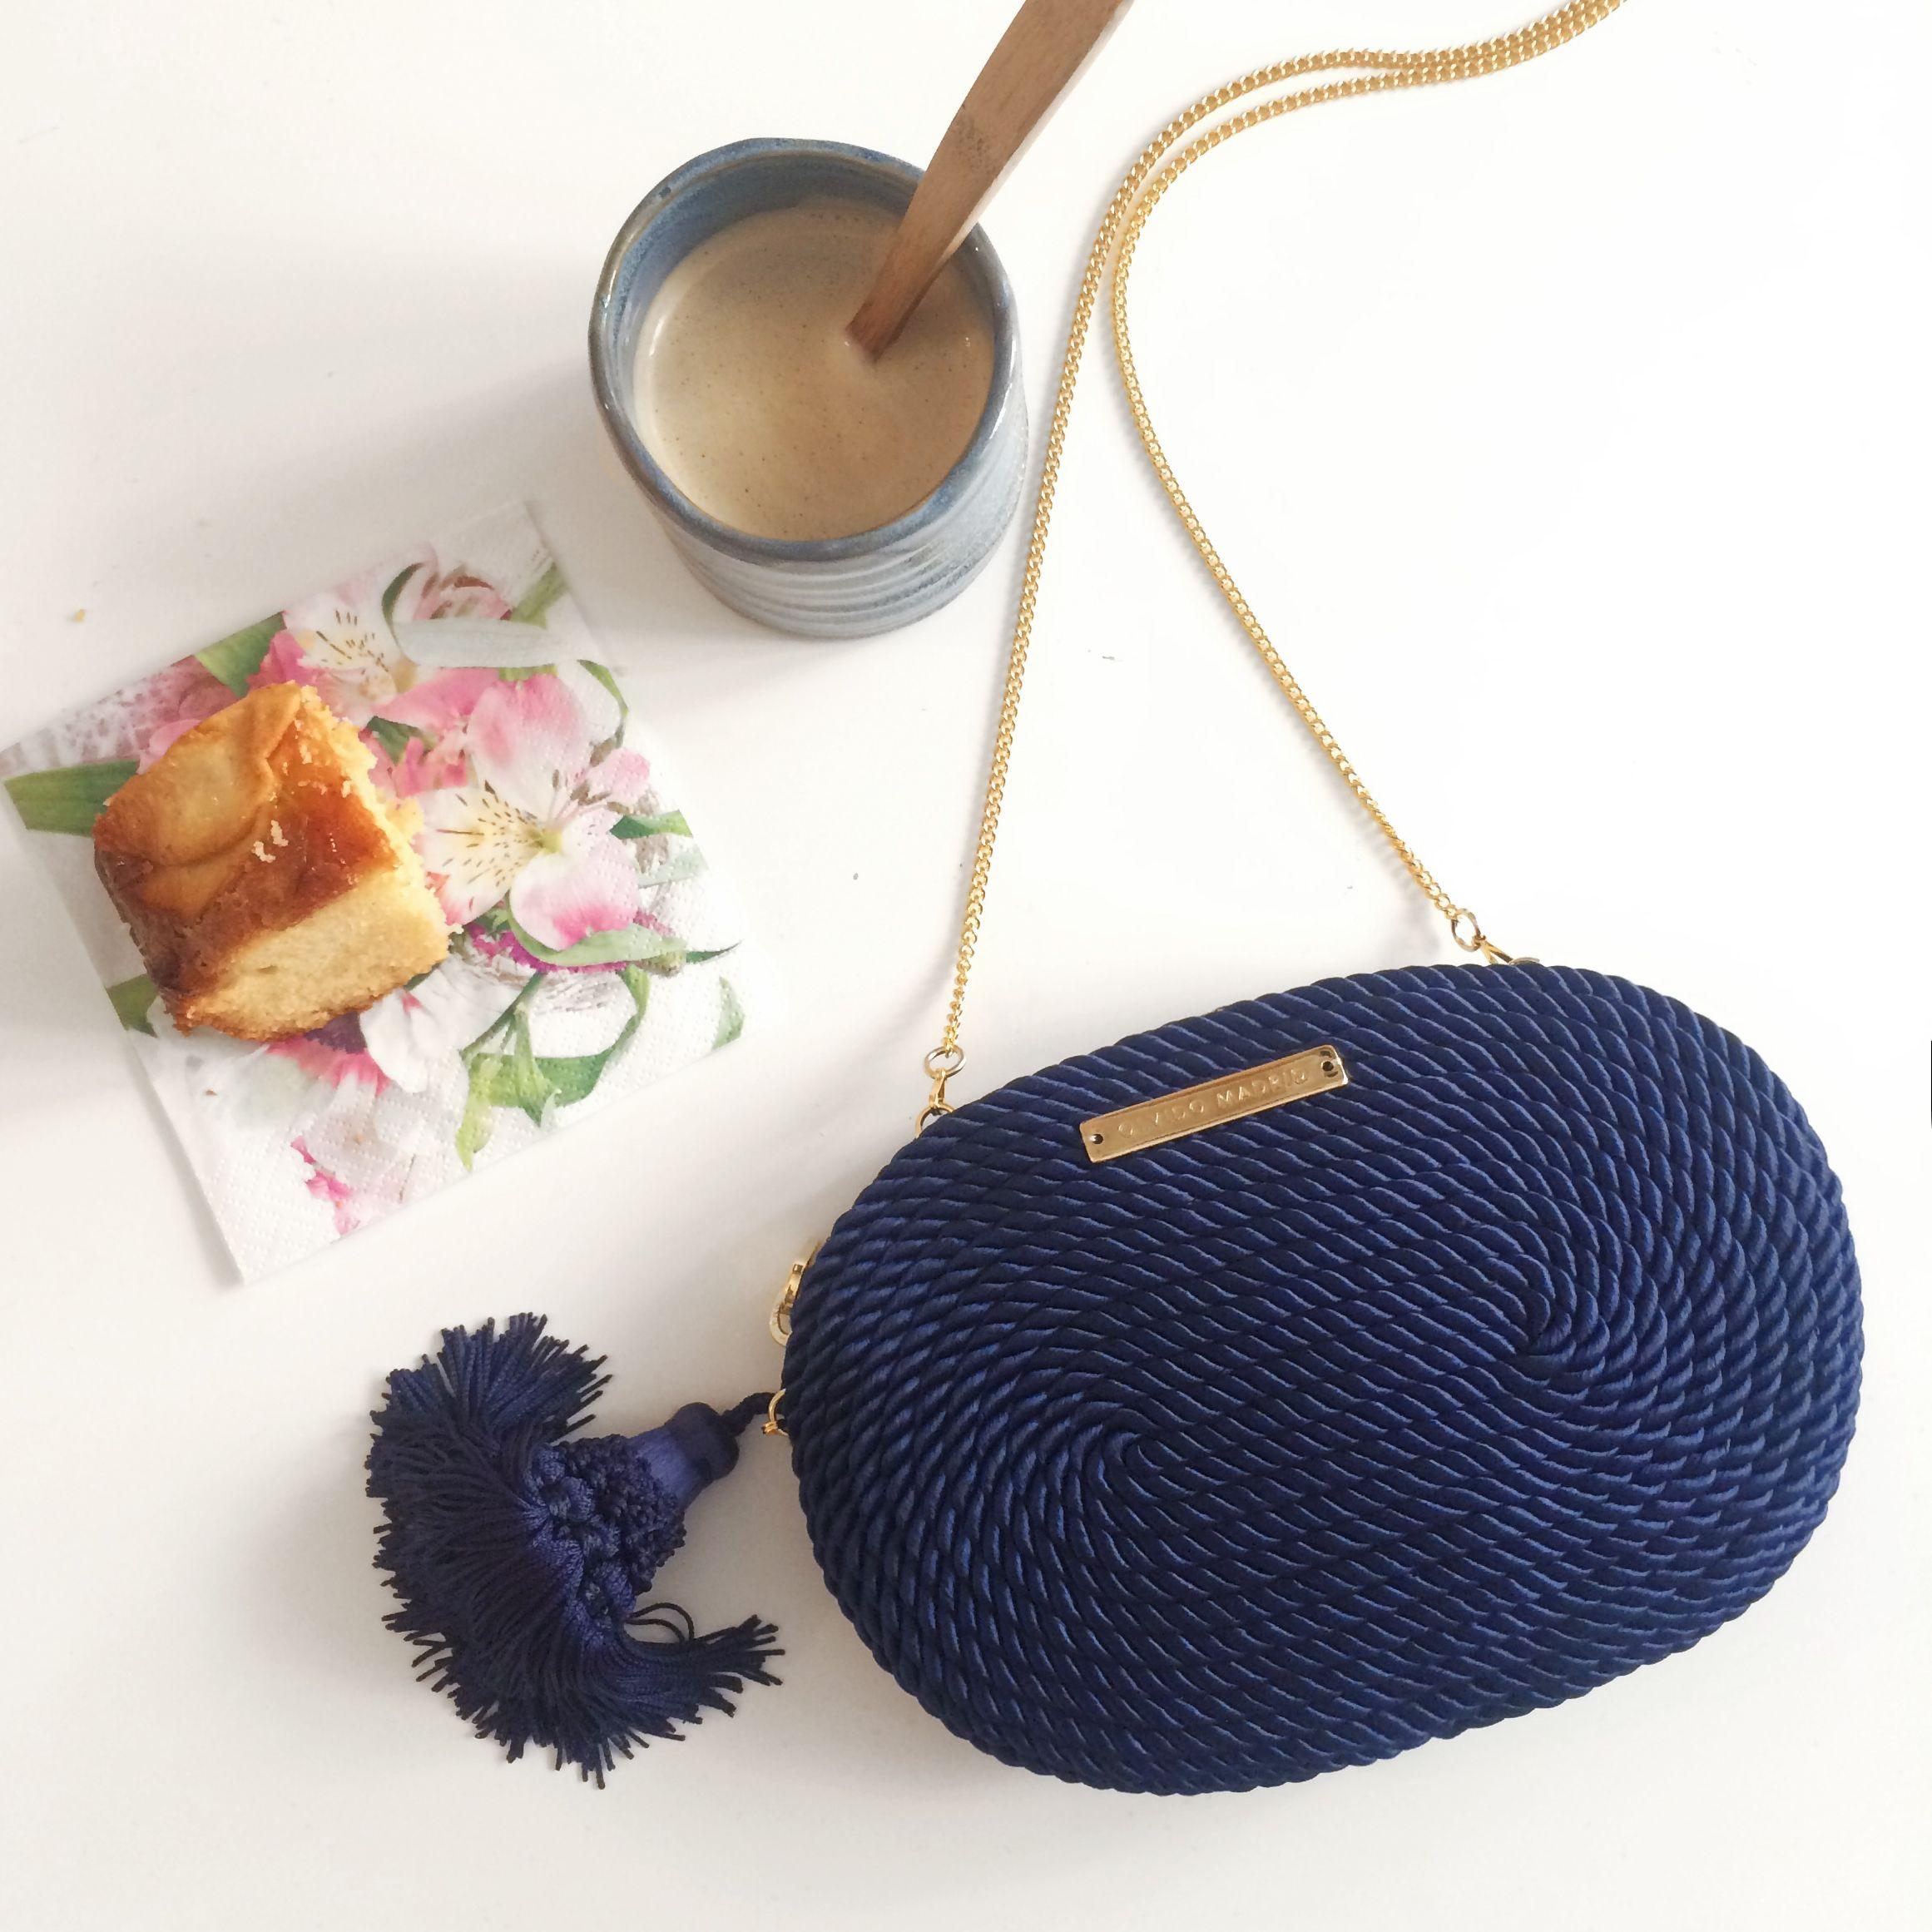 1183cb7c7 Bolso de fiesta hecho en cordón de seda | Modelo Antonia azul marino |  Diseños OLVIDO MADRID | www.olvidomadrid.es